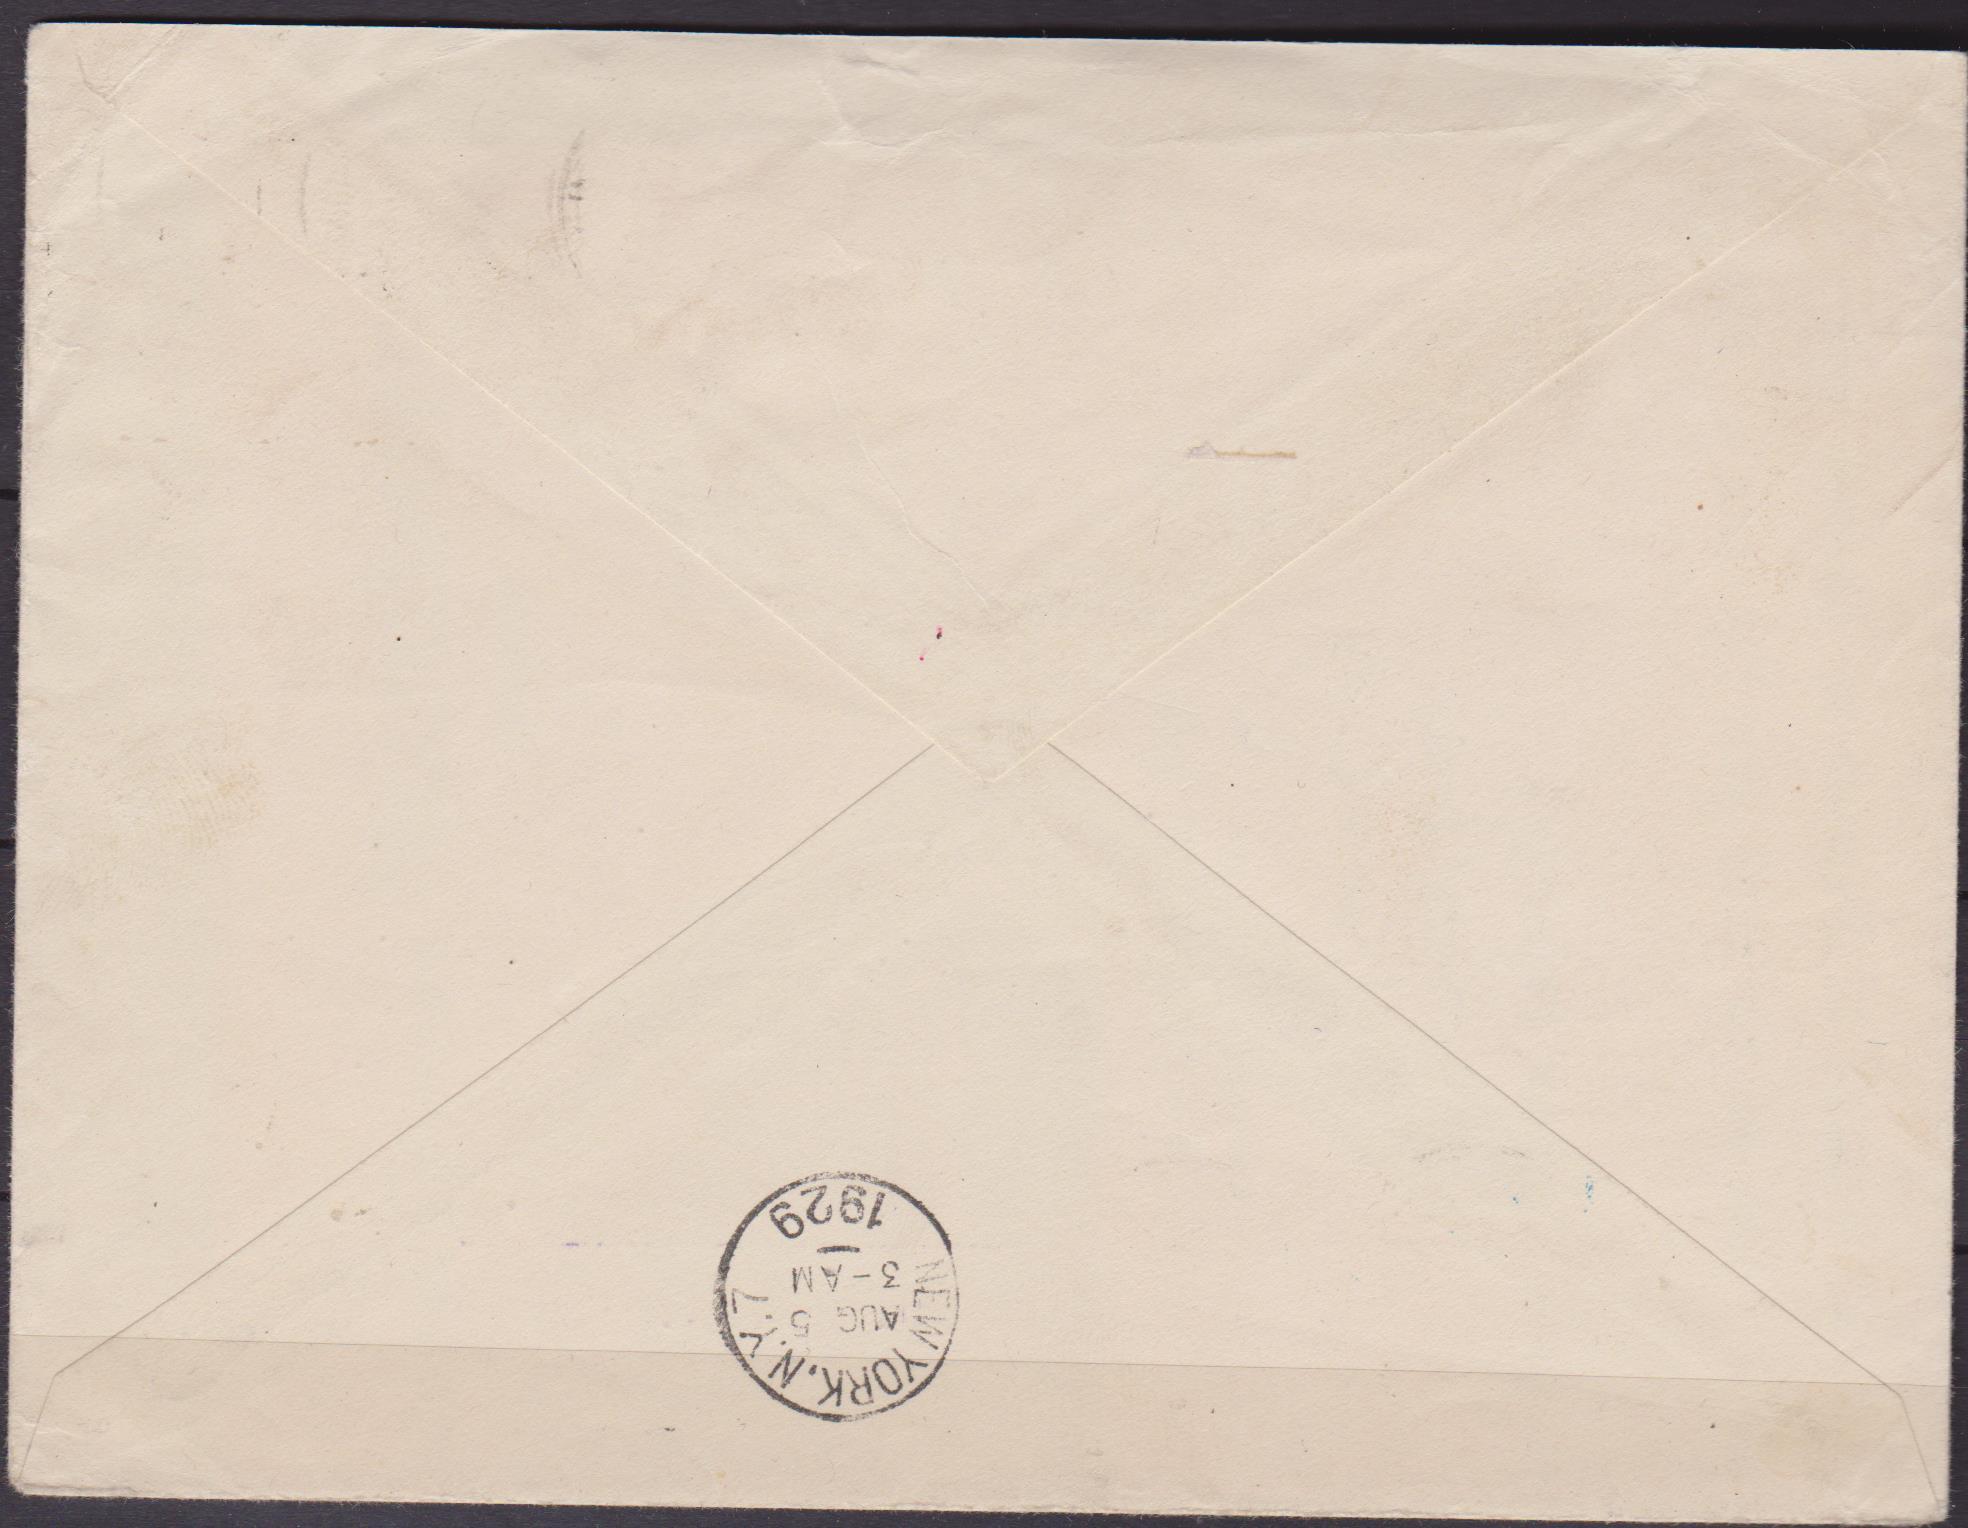 lettere-posta-aerea-retro-001